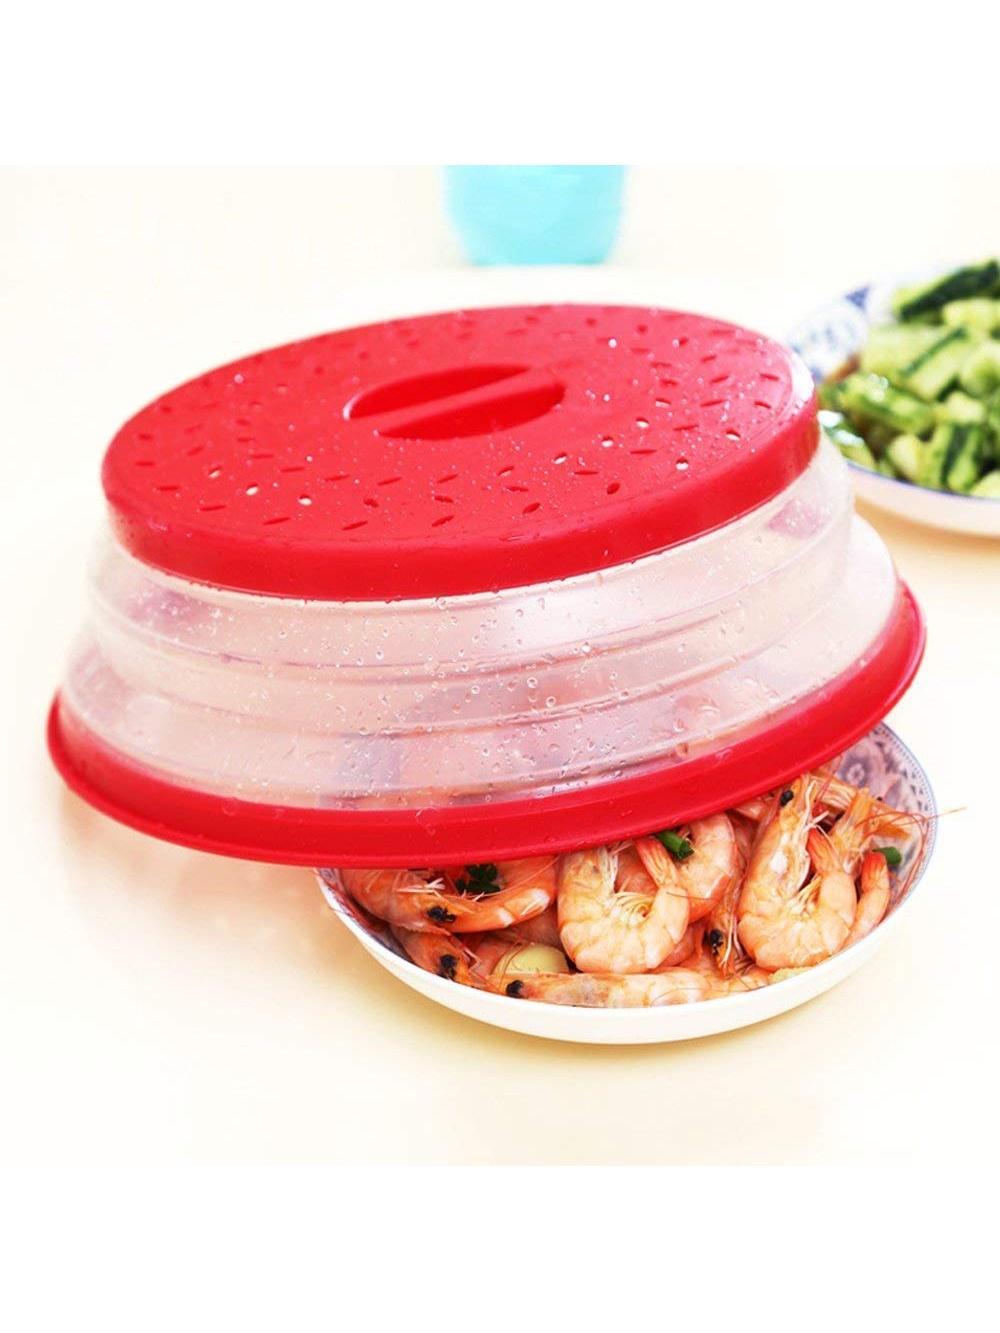 Крышка KitchenAngel KA-MWC-03, красныйKA-MWC-03Эта удобная крышка диаметром 26,8 см подходит для большинства тарелок и чашек и предназначена для разогревания еды в микроволновой печи. Надежно закрывая еду, она защищает от разбрызгивания, сохраняя печь чистой, и при этом предотвращает высыхание продуктов. Специальные вентилируемые отверстия позволяют выпускать пар без появление конденсата. Эту крышку просто мыть и удобно хранить. Легко и быстро раскладывается до 9 см высотой. В сложенном виде высота составляет всего 2,5 см, а яркий цвет позволит ее быстро найти в шкафчике для посуды. Для комфортного использования крышка оснащена выемками, за которые ее удобно брать. Выполненная из качественного пластика, нетоксичного и безопасного для здоровья, крышка подходит для большинства тарелок, мисок и кастрюль, используемых в микроволновой печи. Чистая СВЧ-печь и разогретые не высушенные продукты, сохранившие все свои качества.